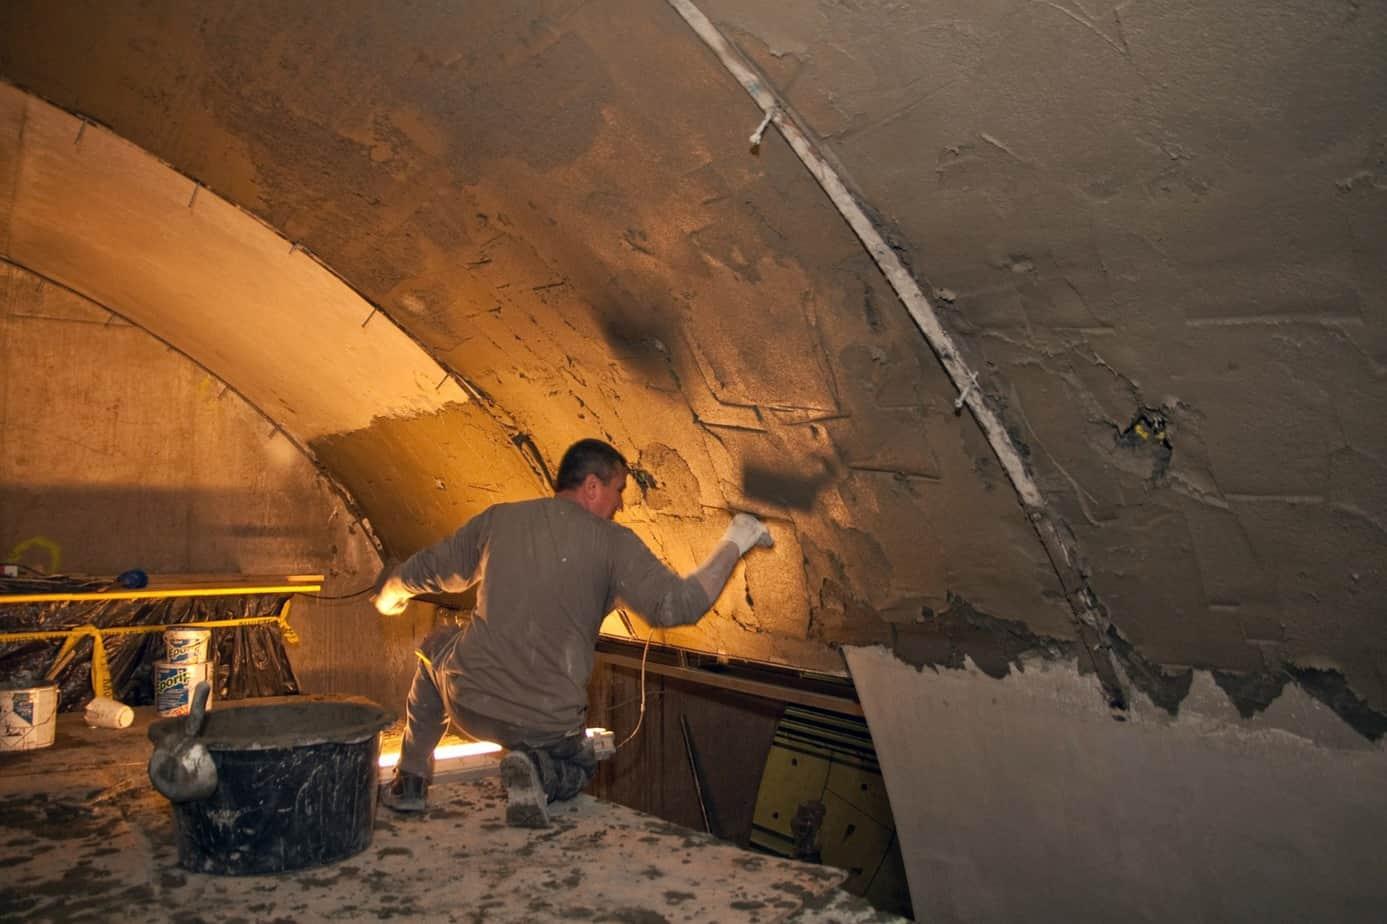 Nell'intervento delle gallerie sotterranee sono stati utilizzati diversi prodotti Mapei per il calcestruzzo: il ripristino di alcune sezioni con Mapegrout Tissotropico